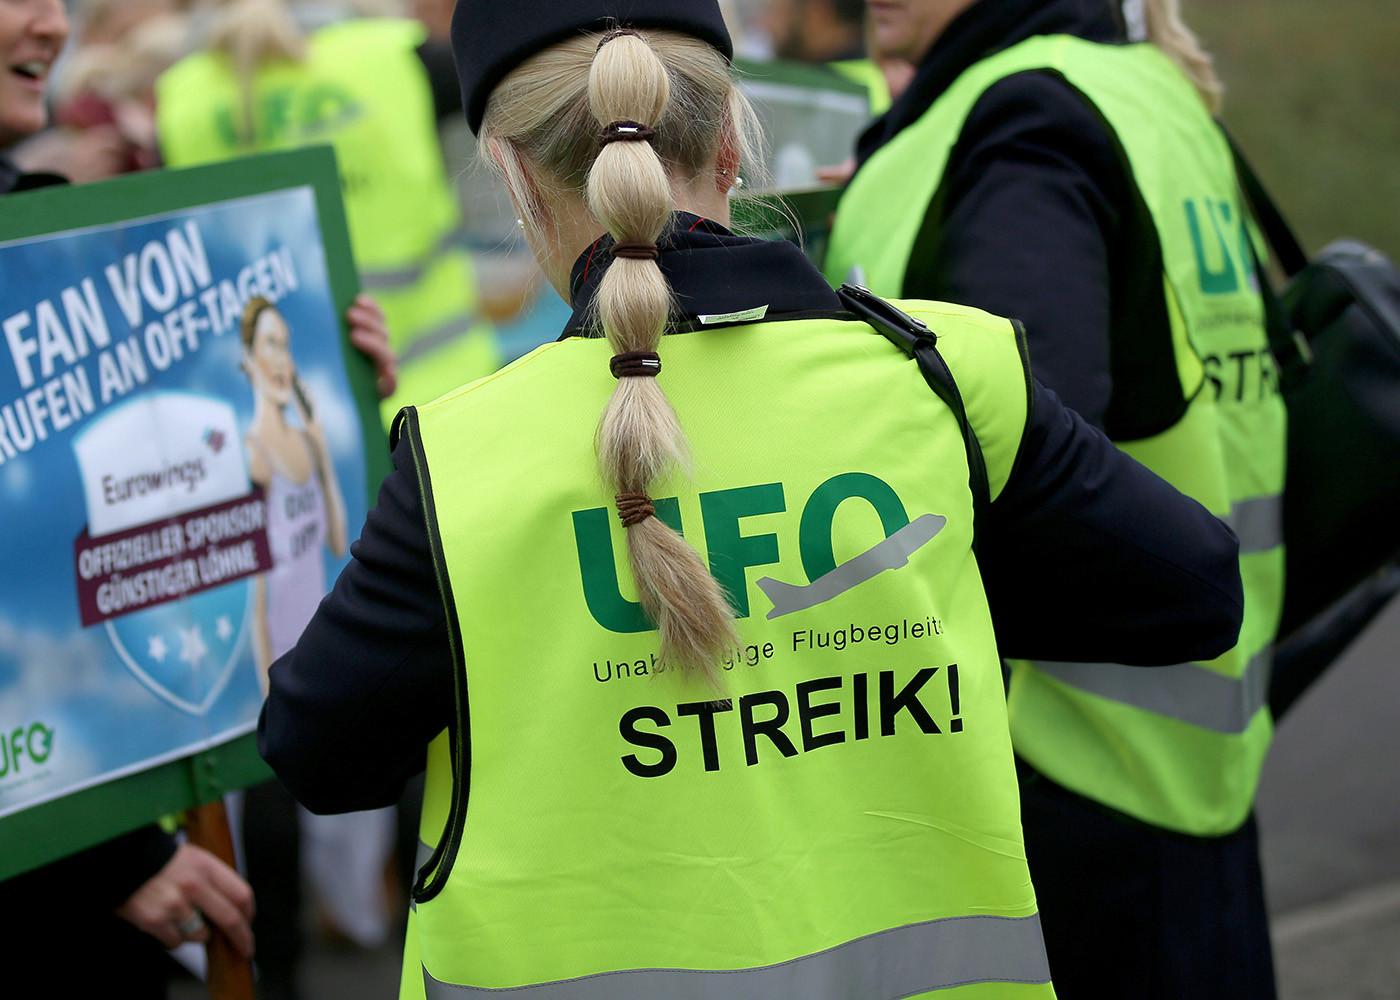 Lufthansa: Gewerkschaft UFO kündigt zweitägigen Streik an